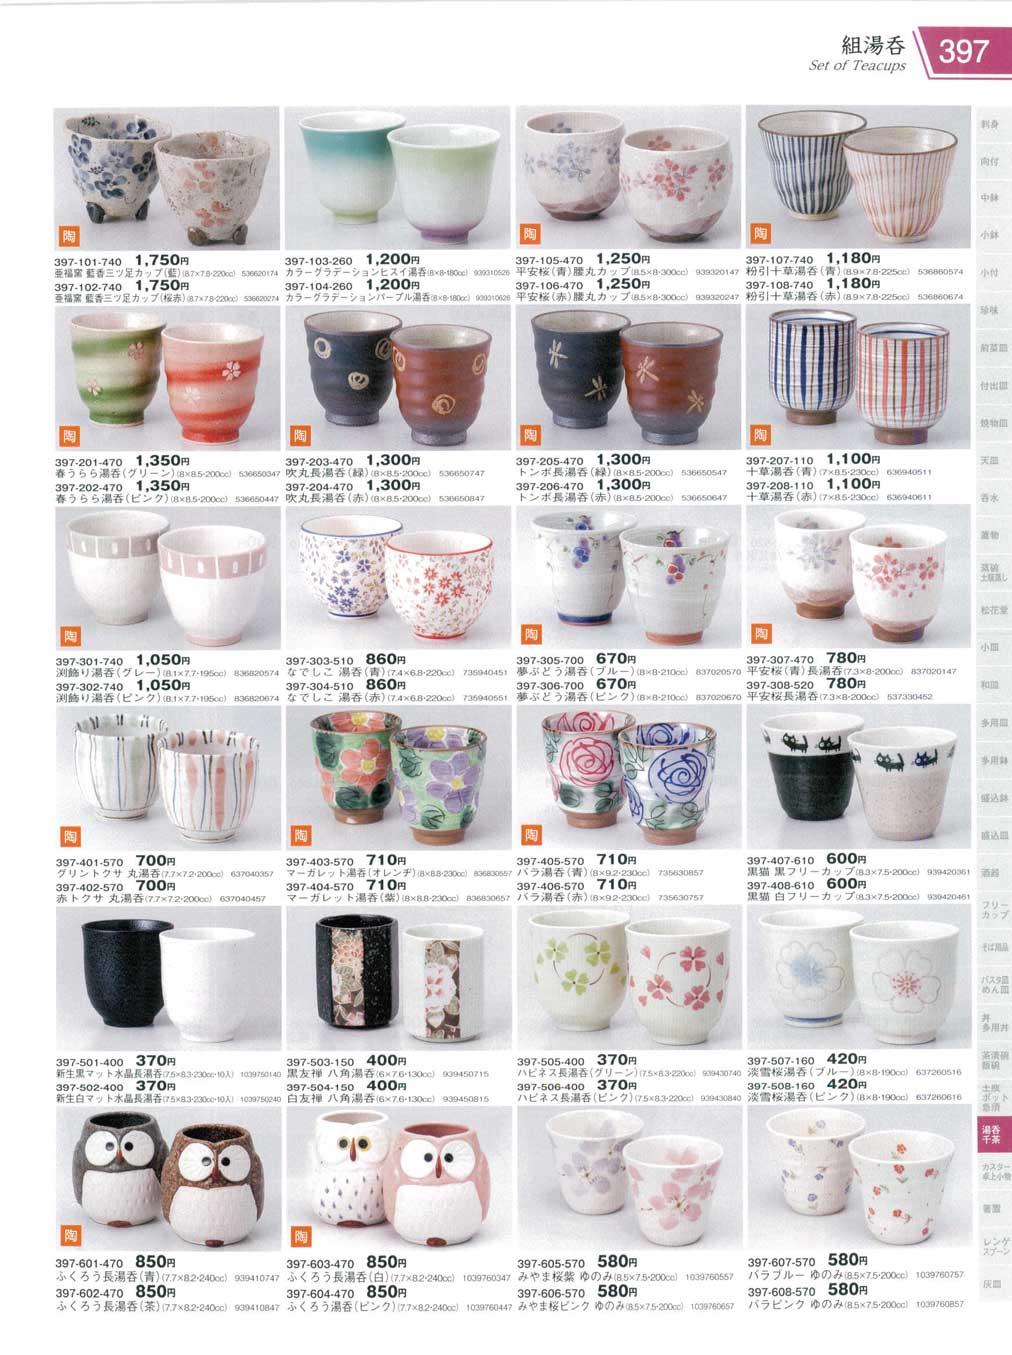 Page 397 - Tea Cups / kigura10 - Japanese Tableware